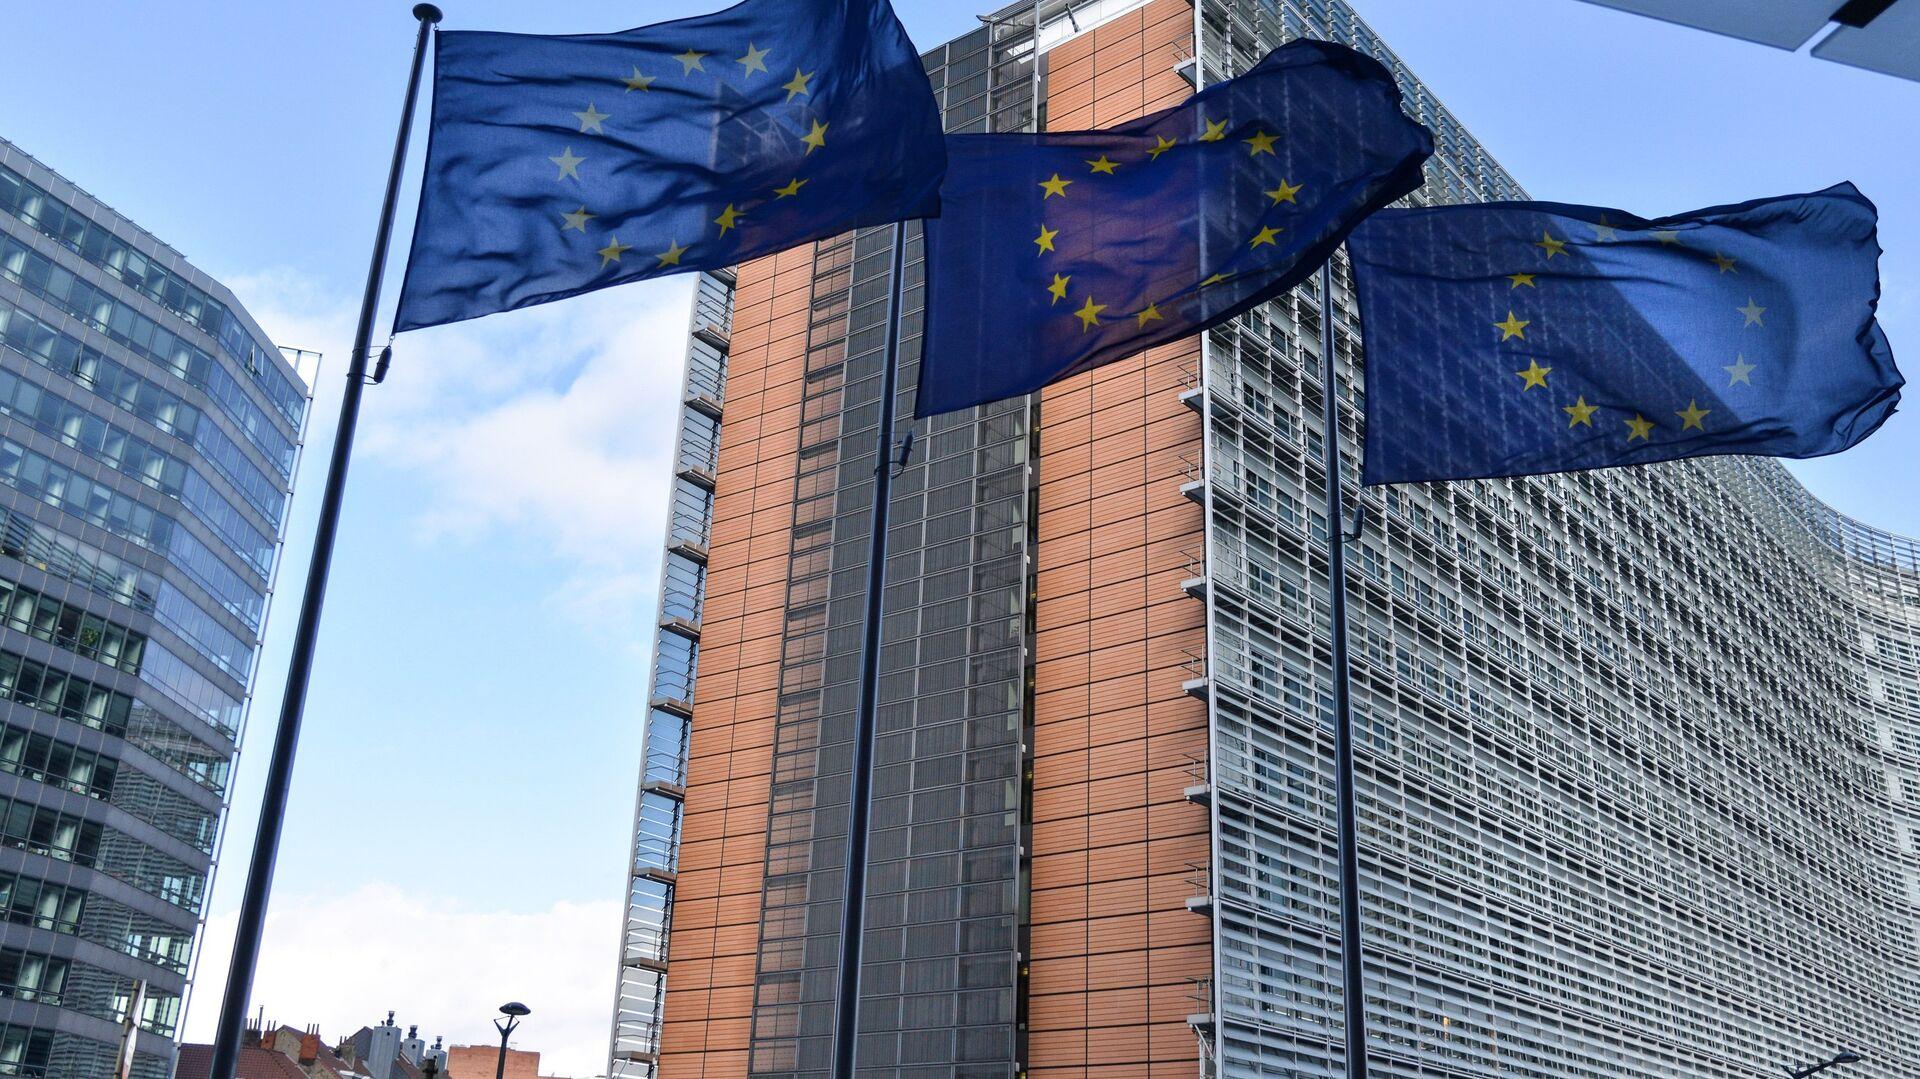 Zastave Evropske unije ispred sedišta EU u Briselu - Sputnik Srbija, 1920, 09.09.2021